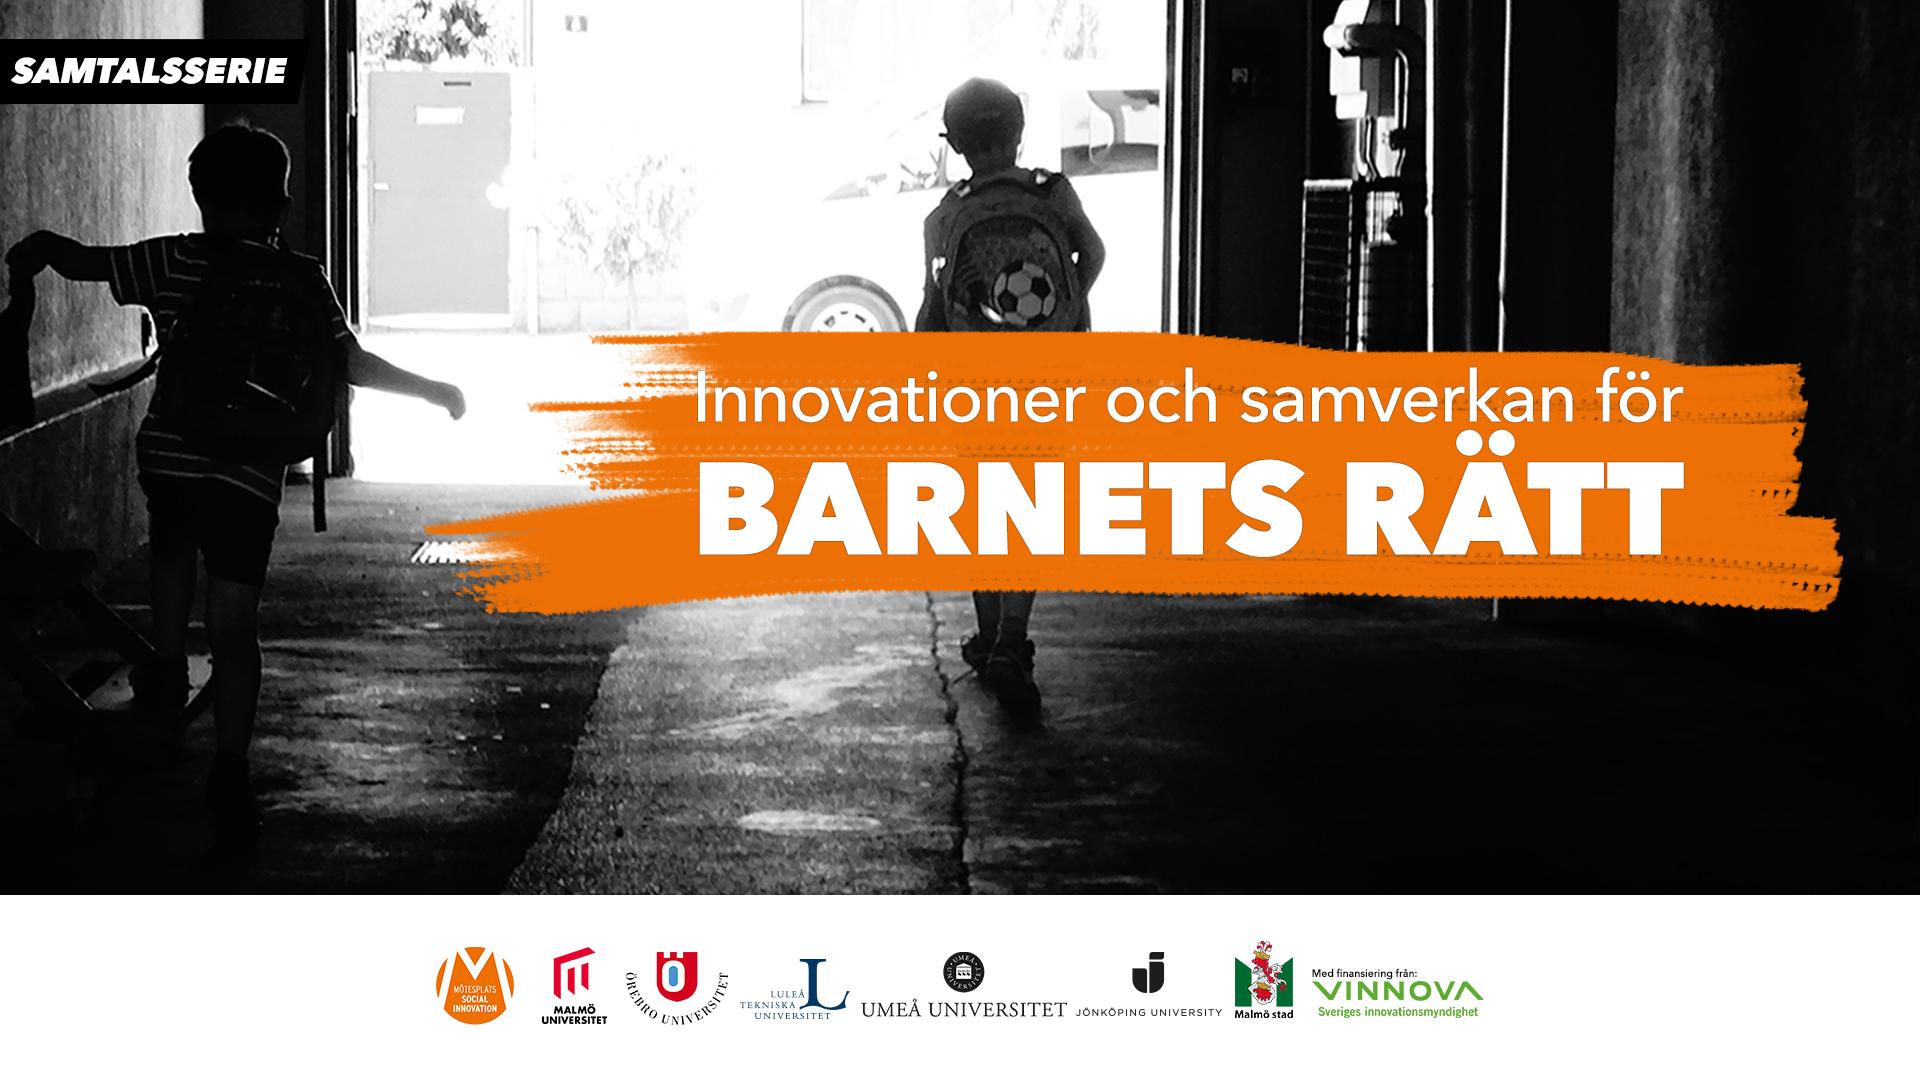 Samtalsserie: Innovationer och samverkan för barnets rätt